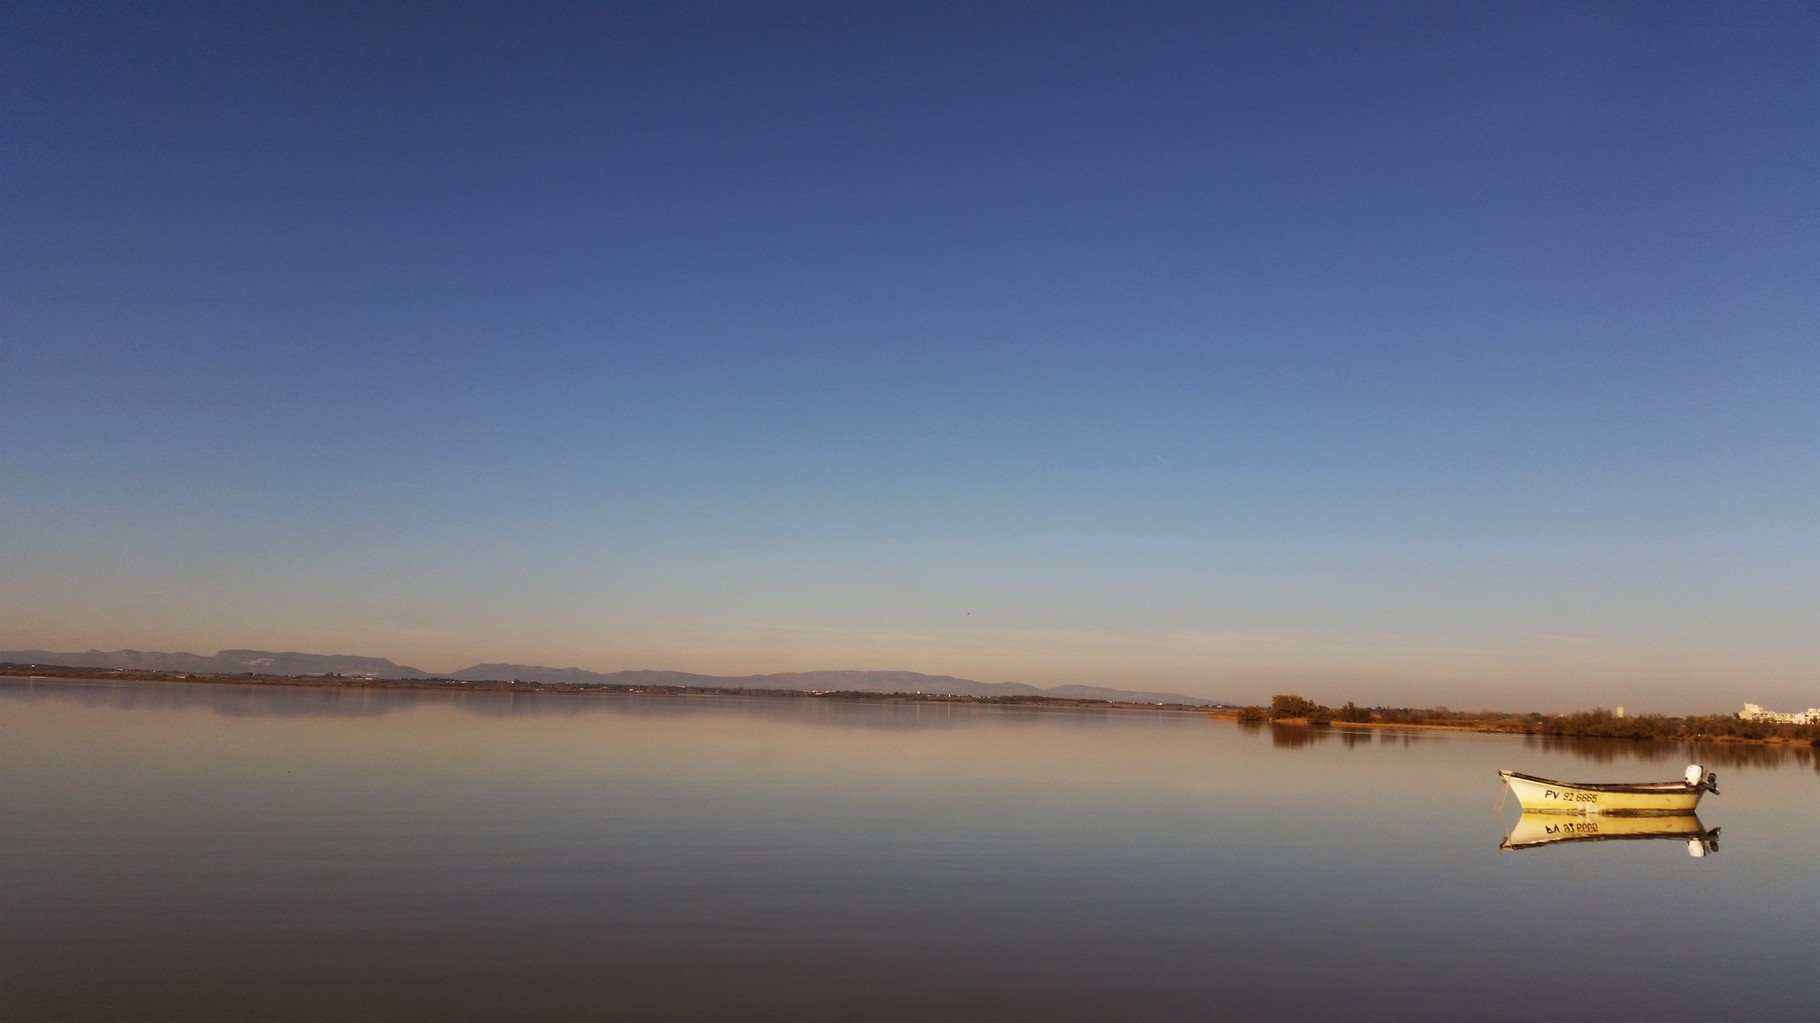 La mer et les étangs (1 heure de voiture)